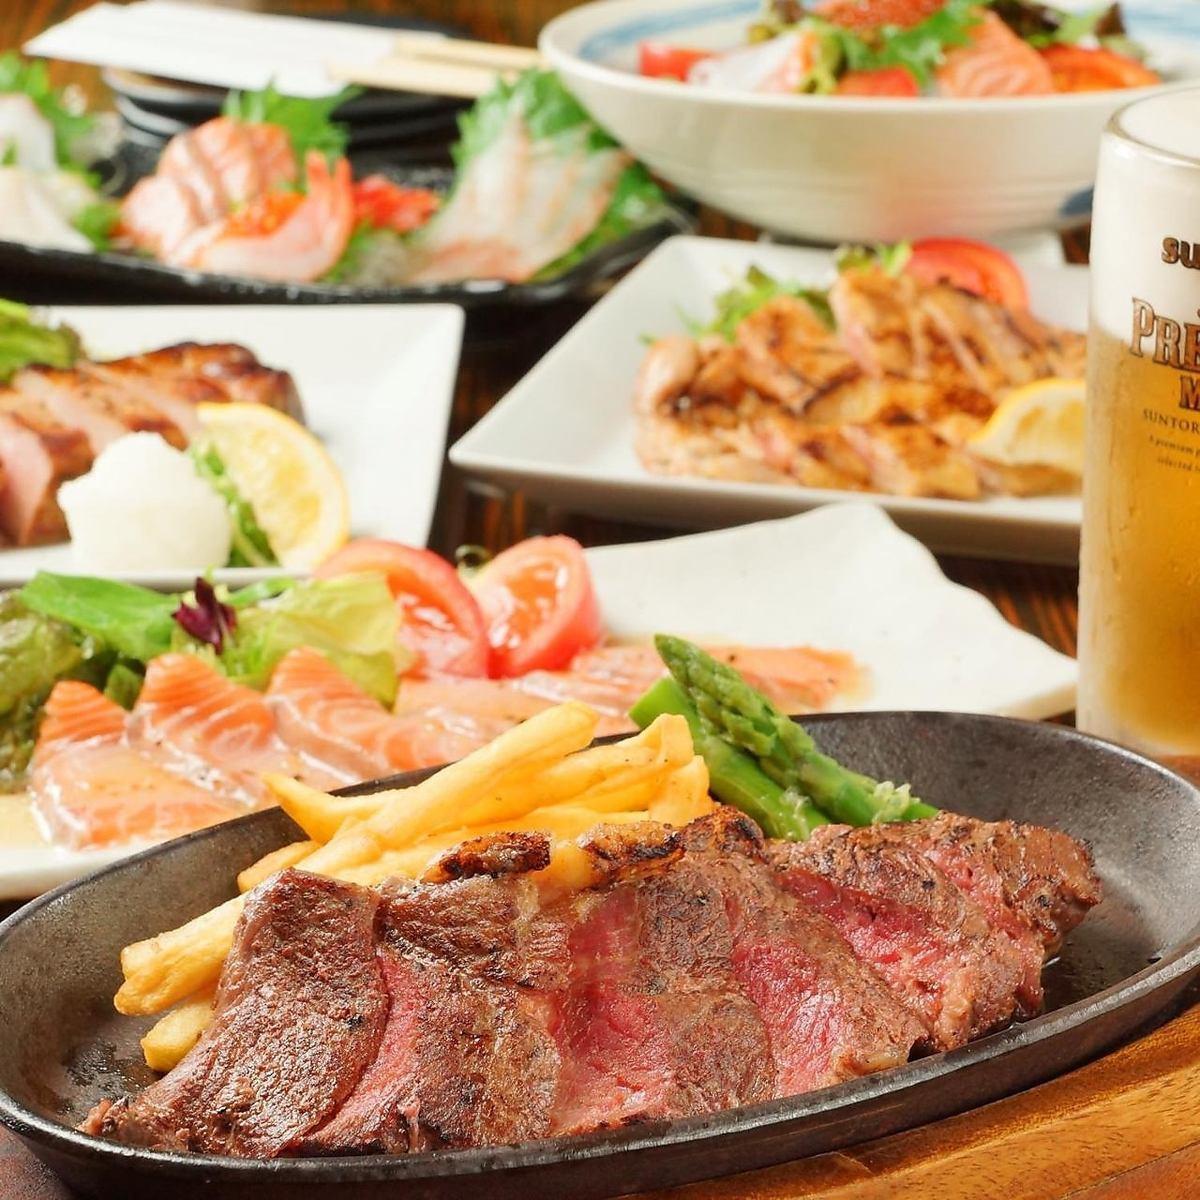 食べ飲み放題コース2400円(税抜)からご用意しております!!各種ご宴会にどうぞ♪